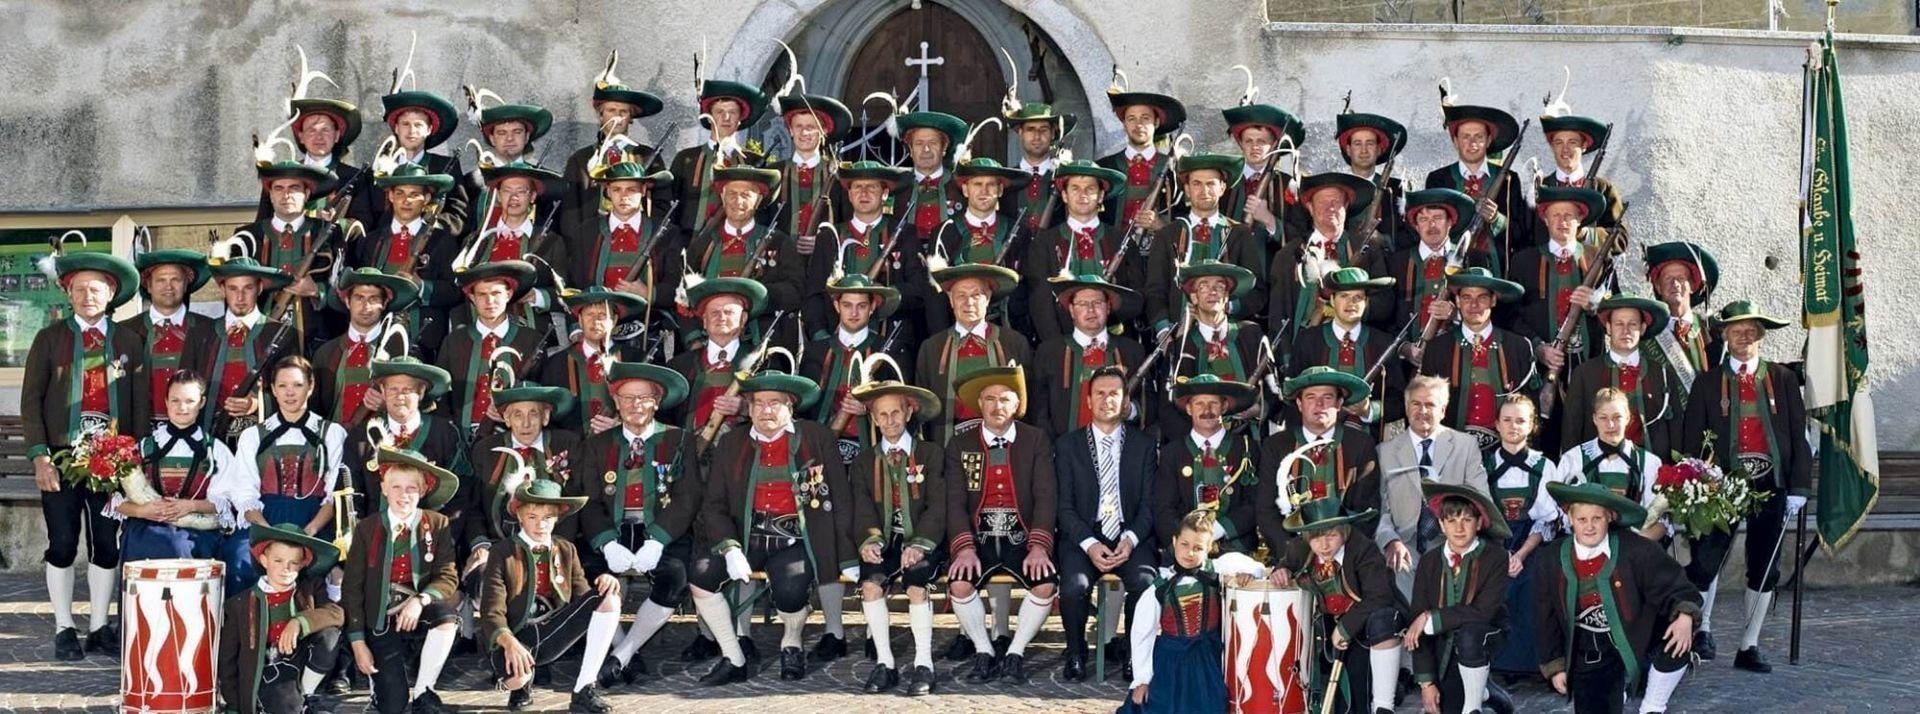 Schützenkompanie Alte Pfarre Natz